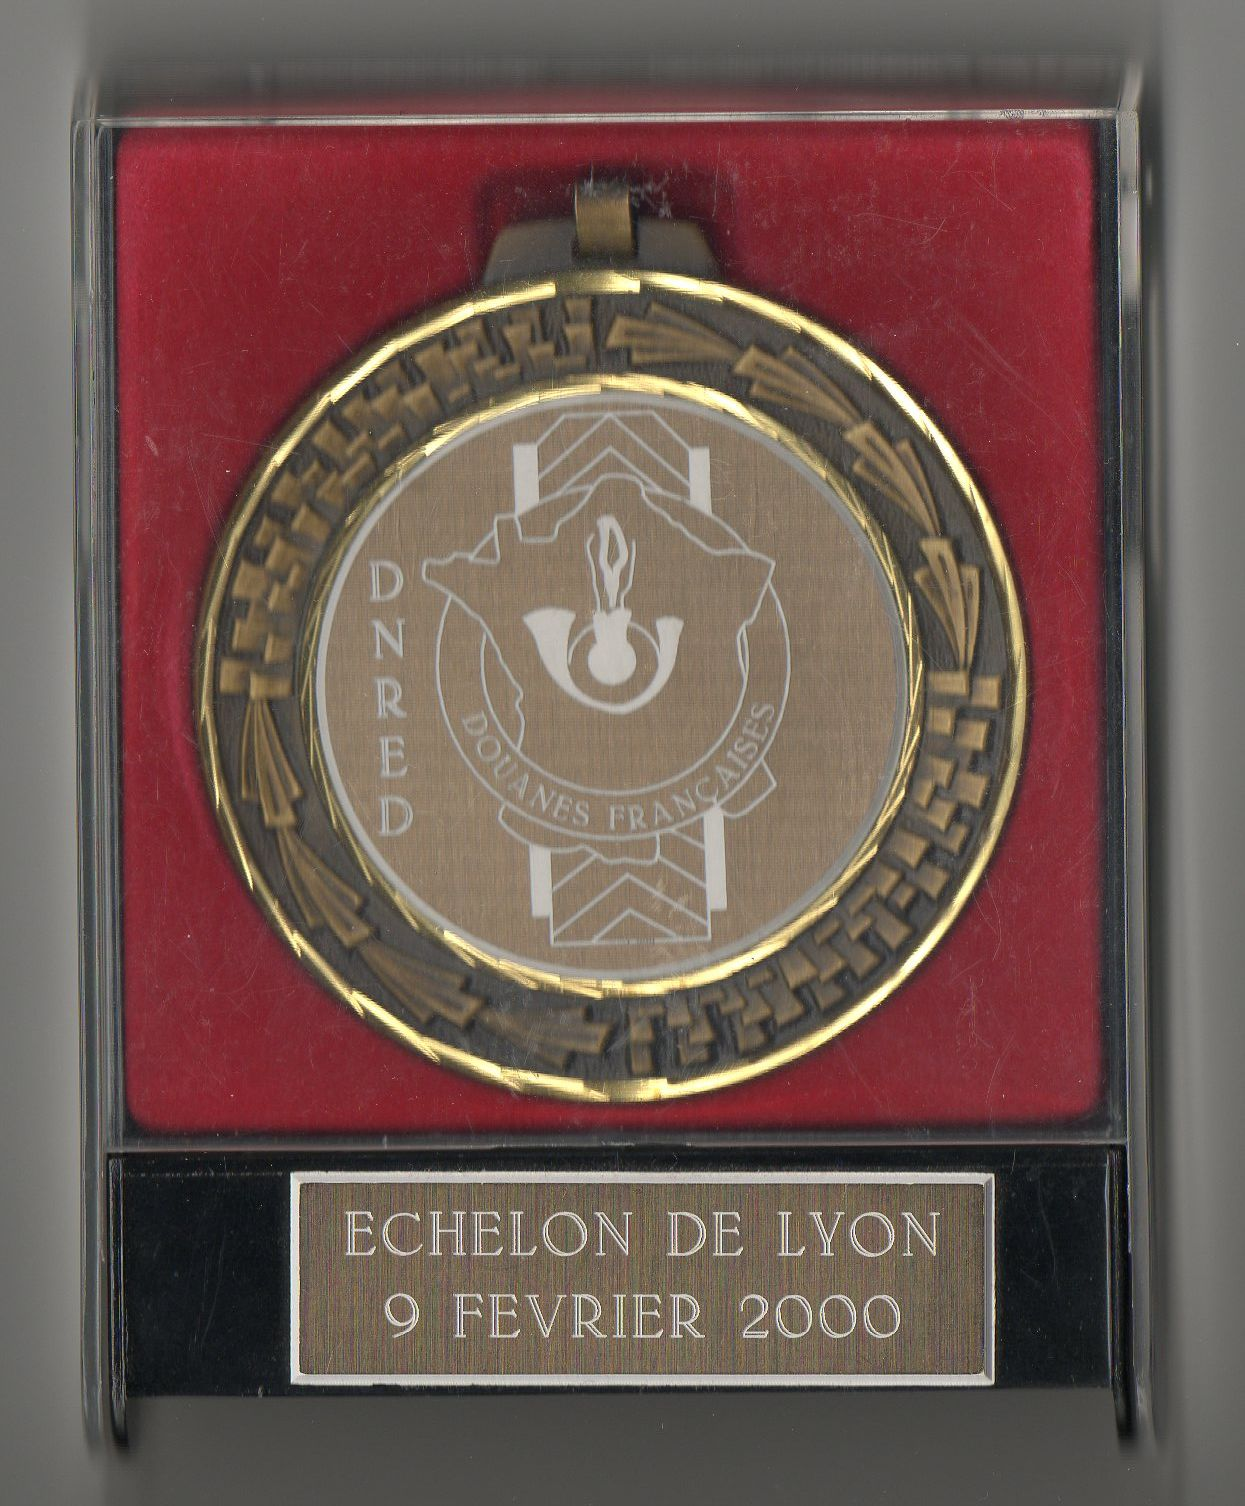 https://i2.wp.com/douanesinsignes.chez-alice.fr/medaille%20avec%20boite%20dnred%20lyon.jpg